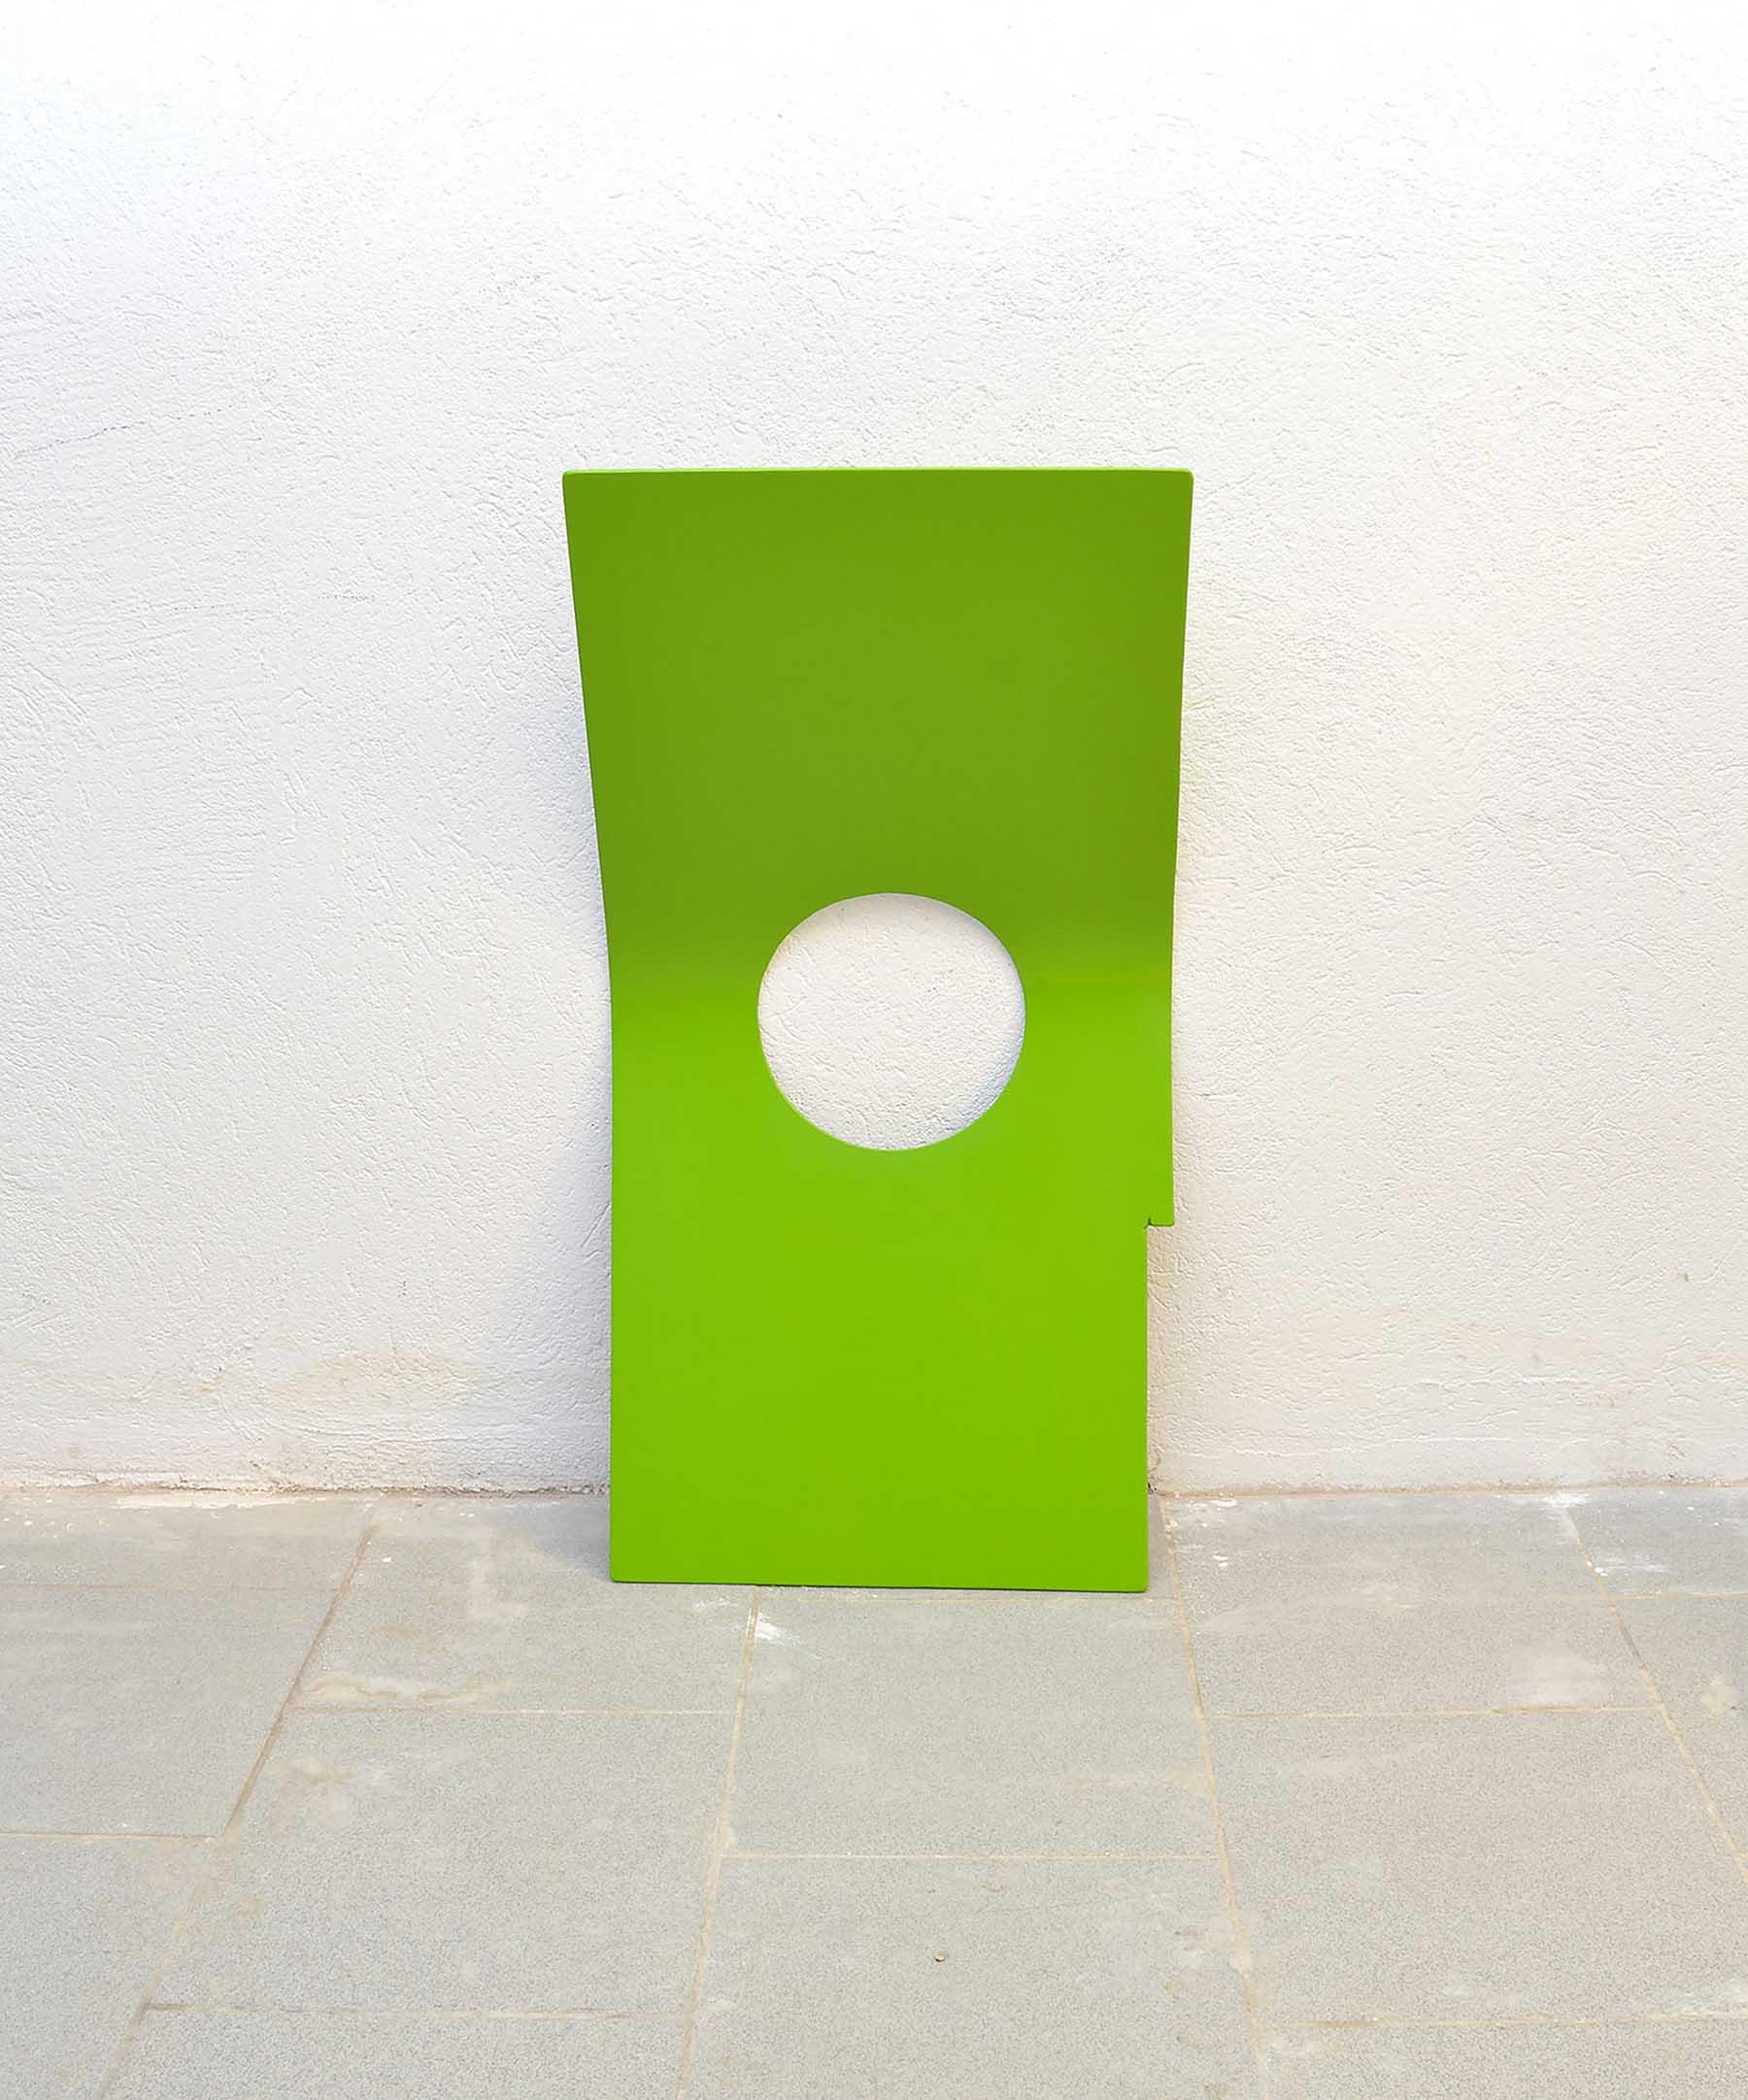 steel, choices, wall art, installation, sculptor, sculpture,